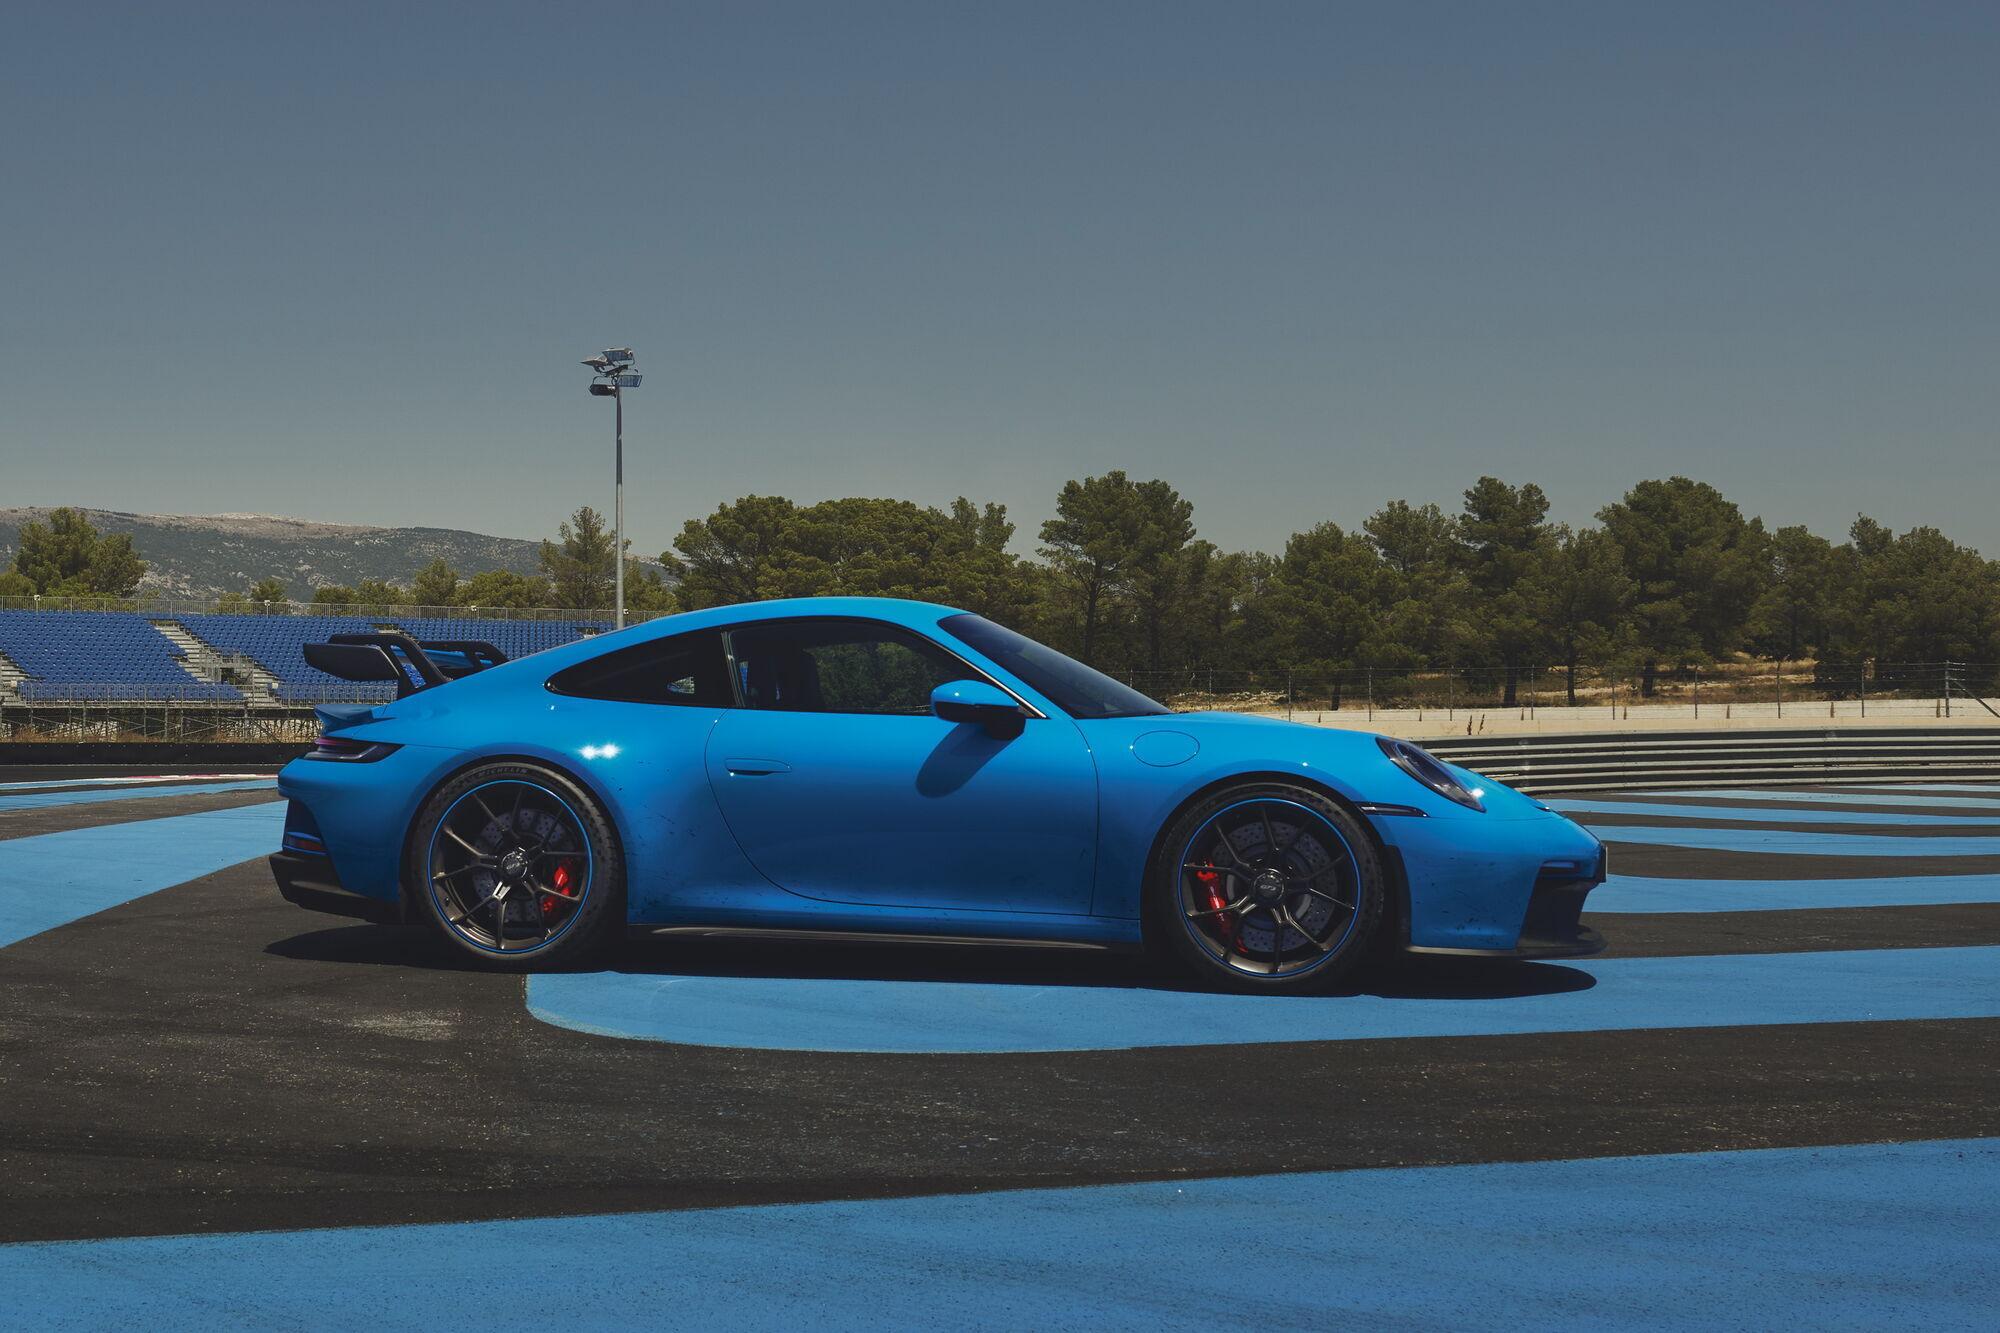 Автомобиль оснащен 4-литровым оппозитным мотором мощностью 510 л.с.